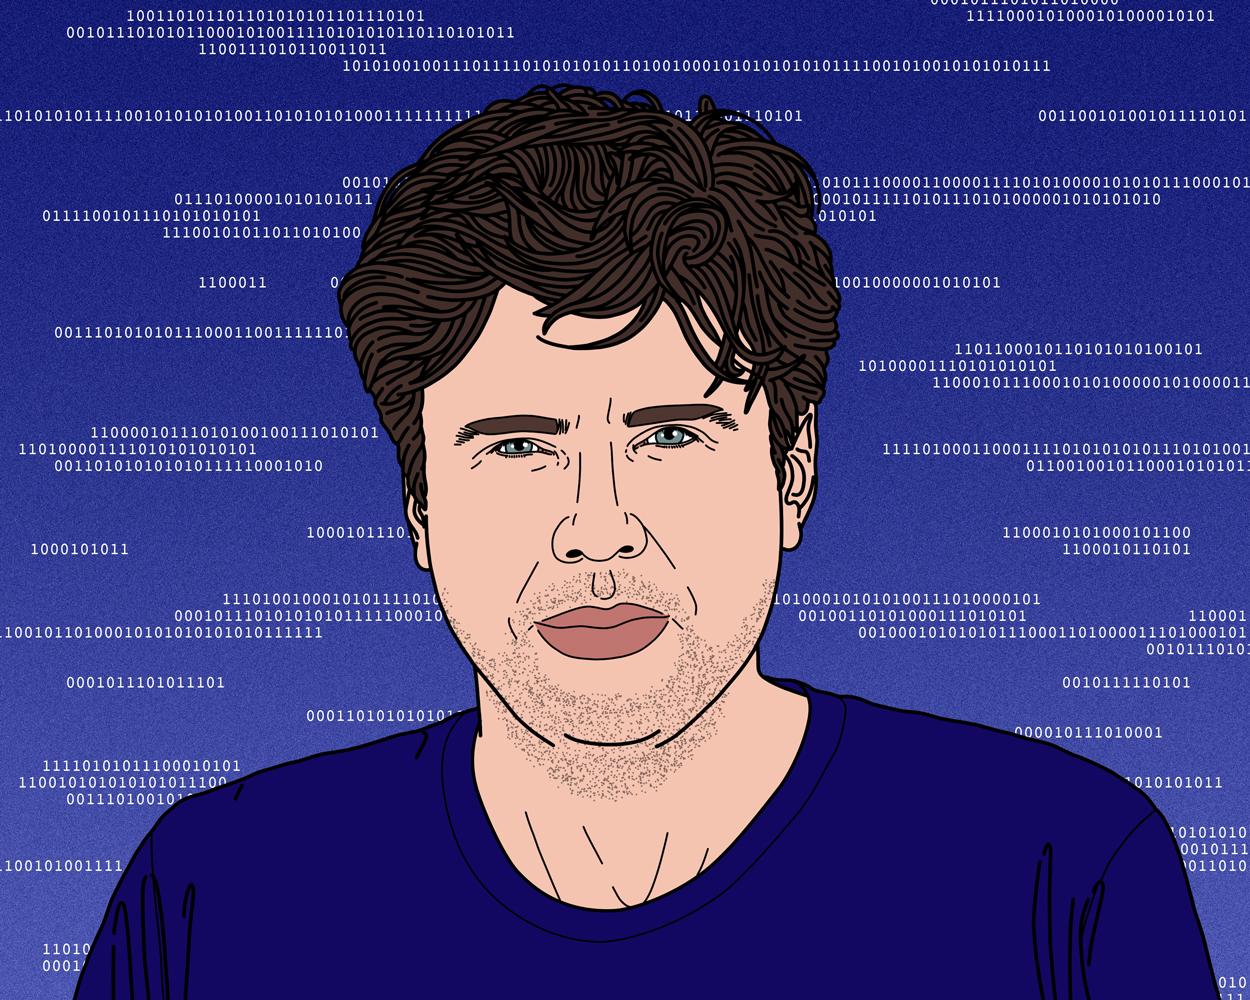 Andrey Alekhin, Co-Founder of Snark.Art